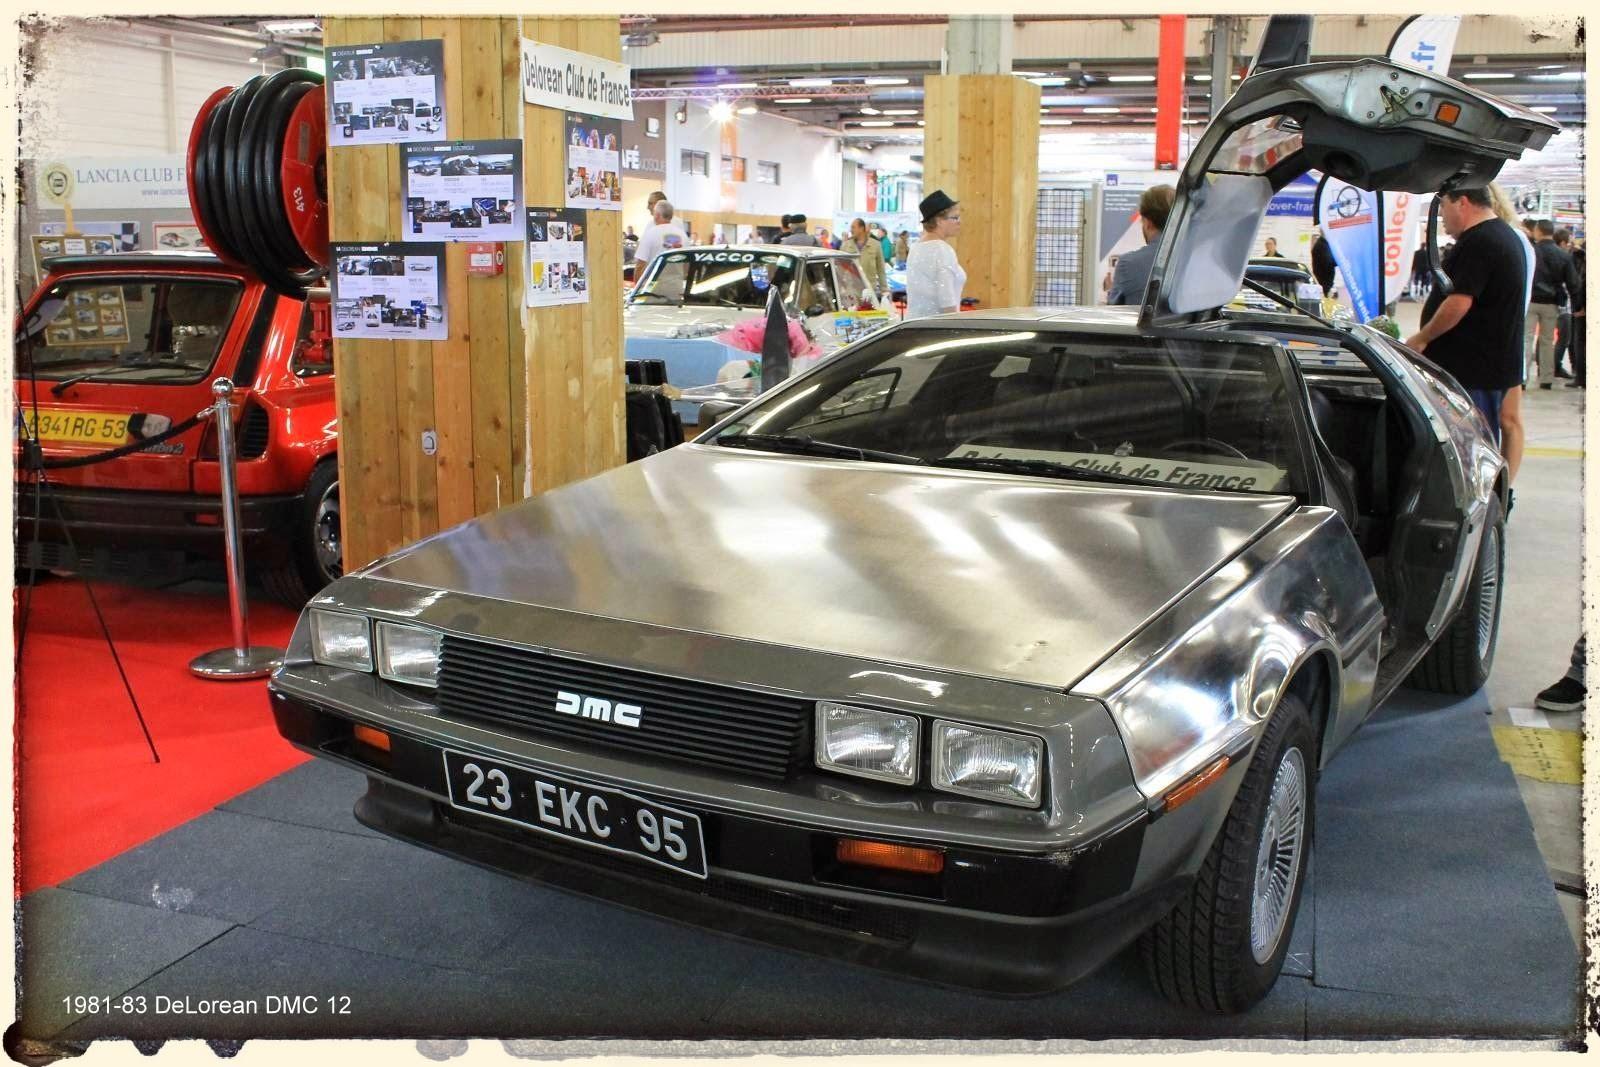 Automédon - 1981-83 DeLorean DMC 12